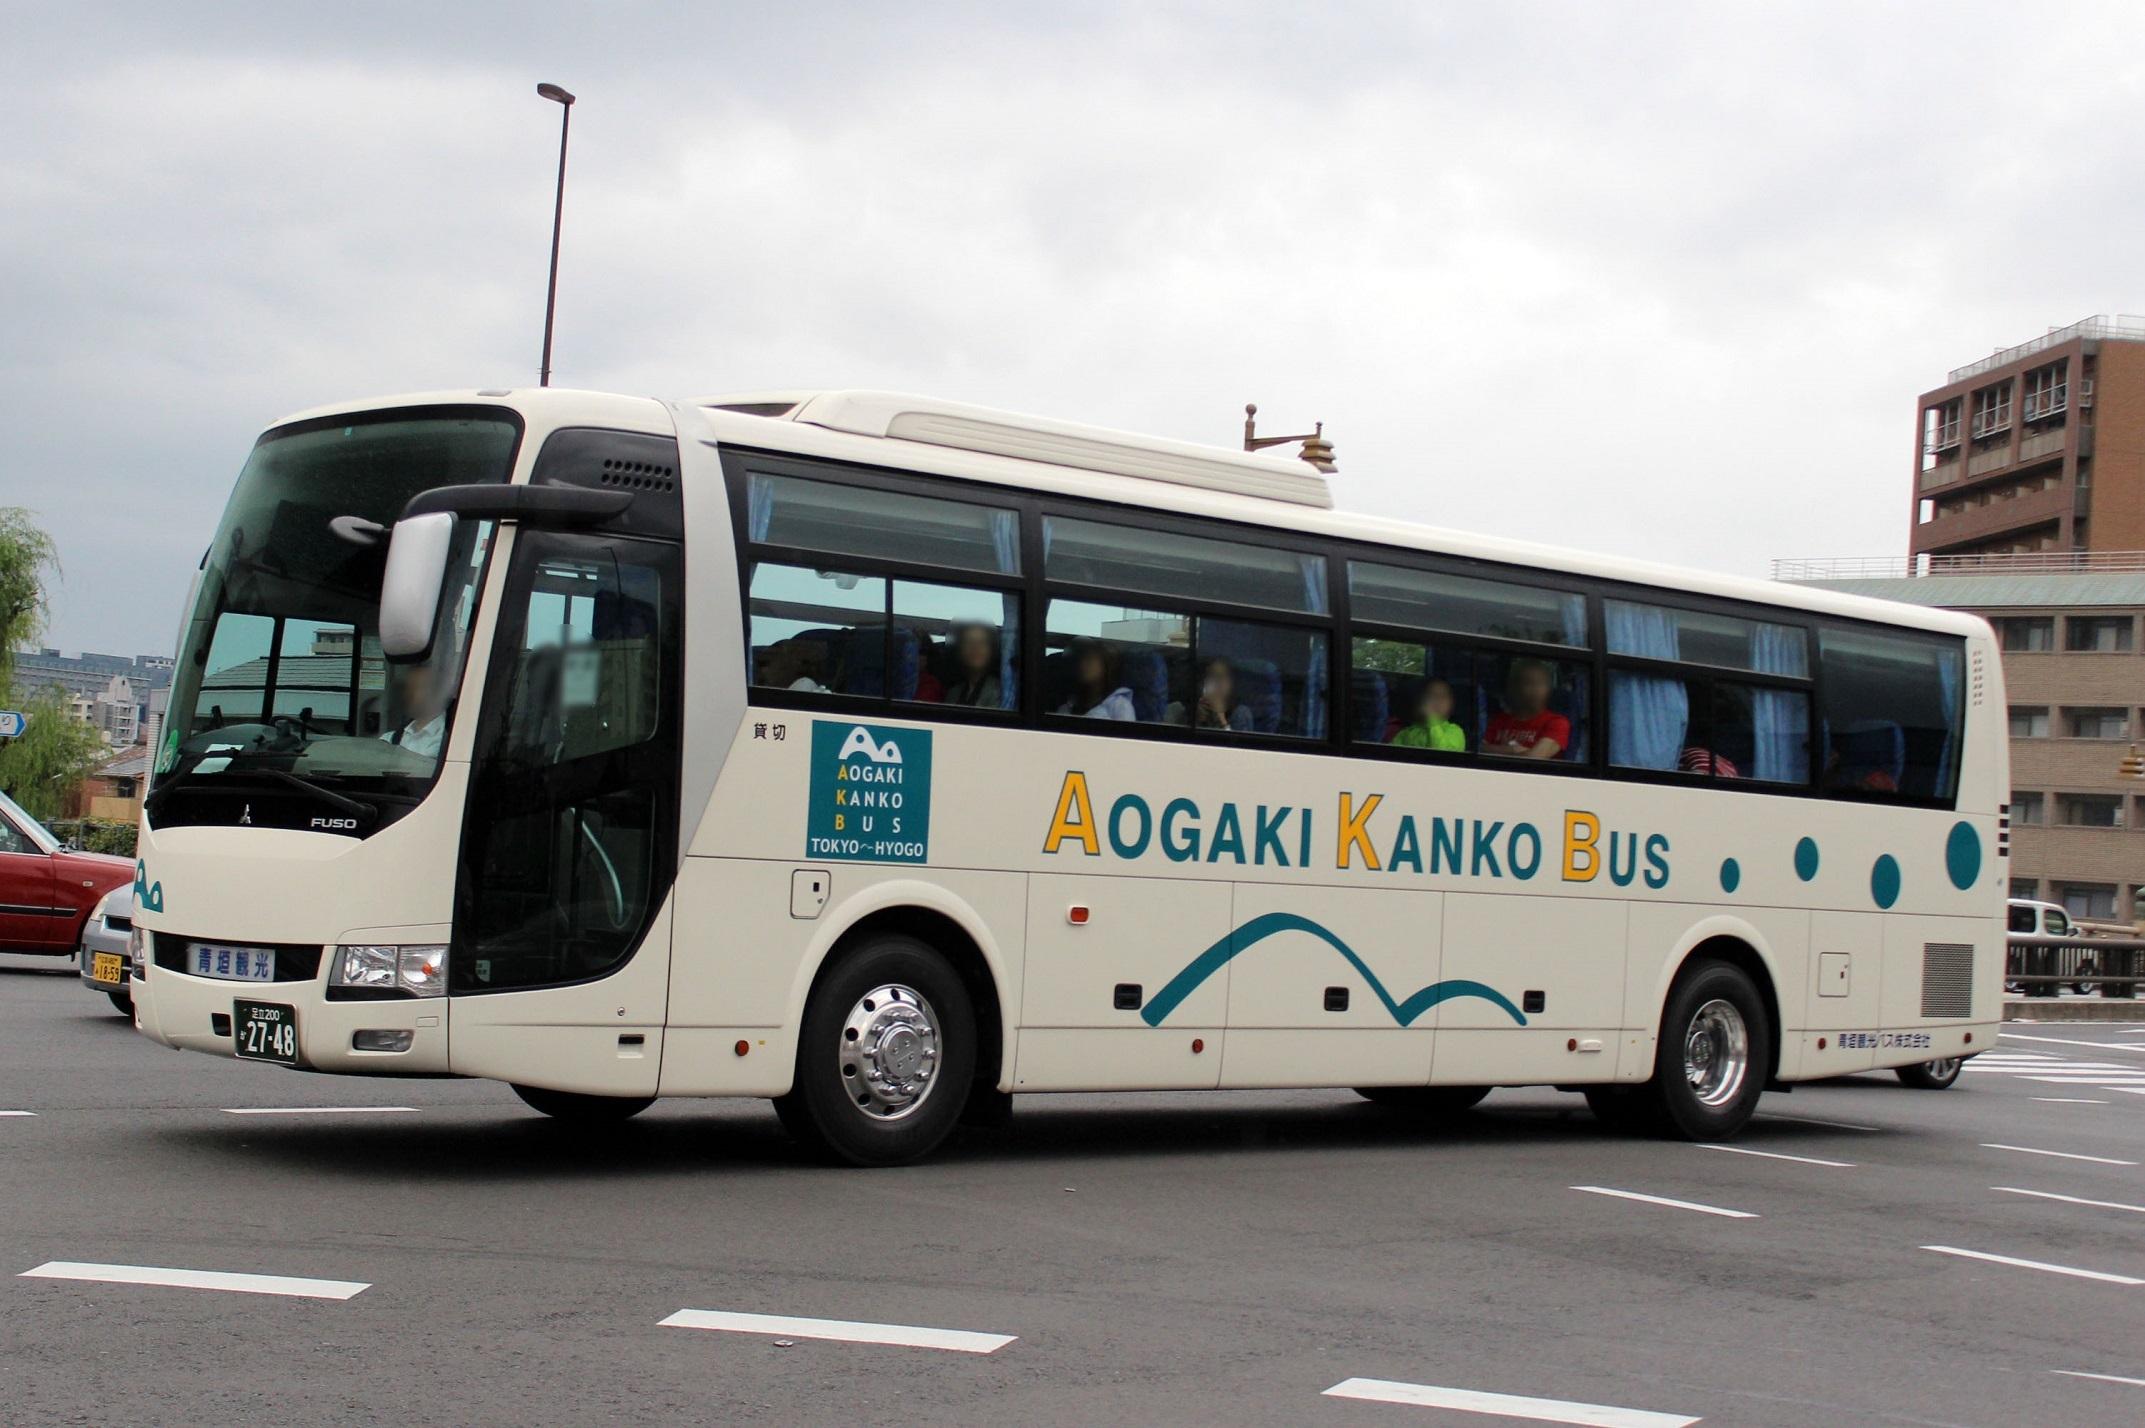 青垣観光バス か2748